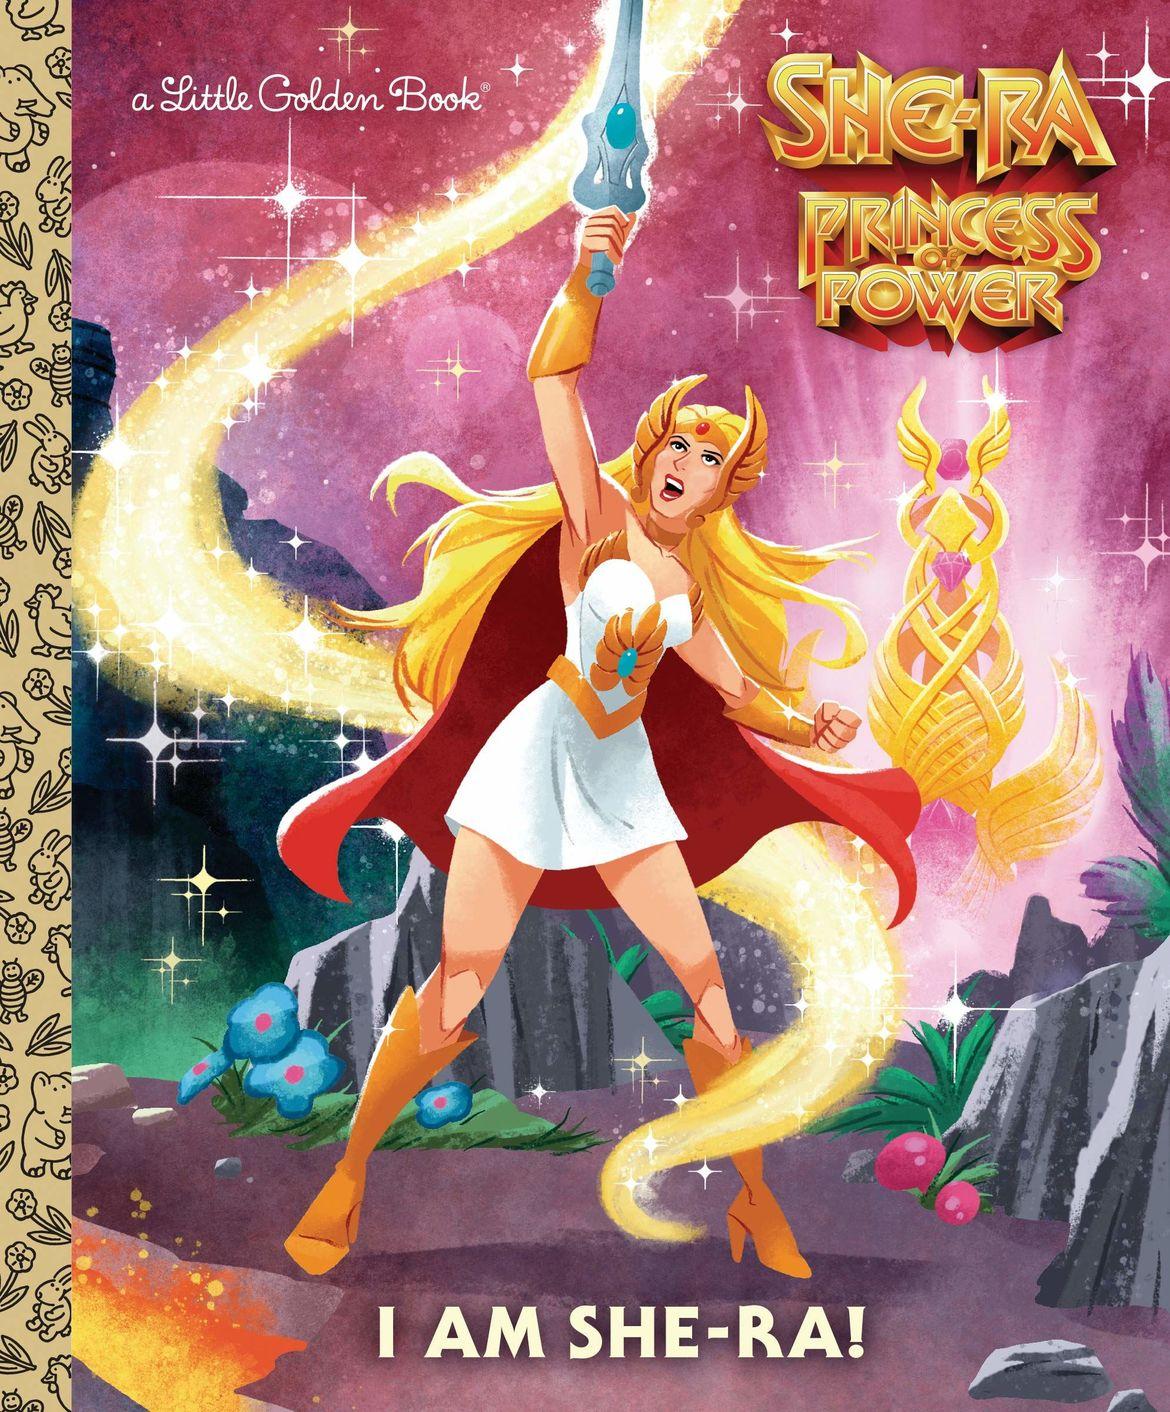 She-Ra little golden book